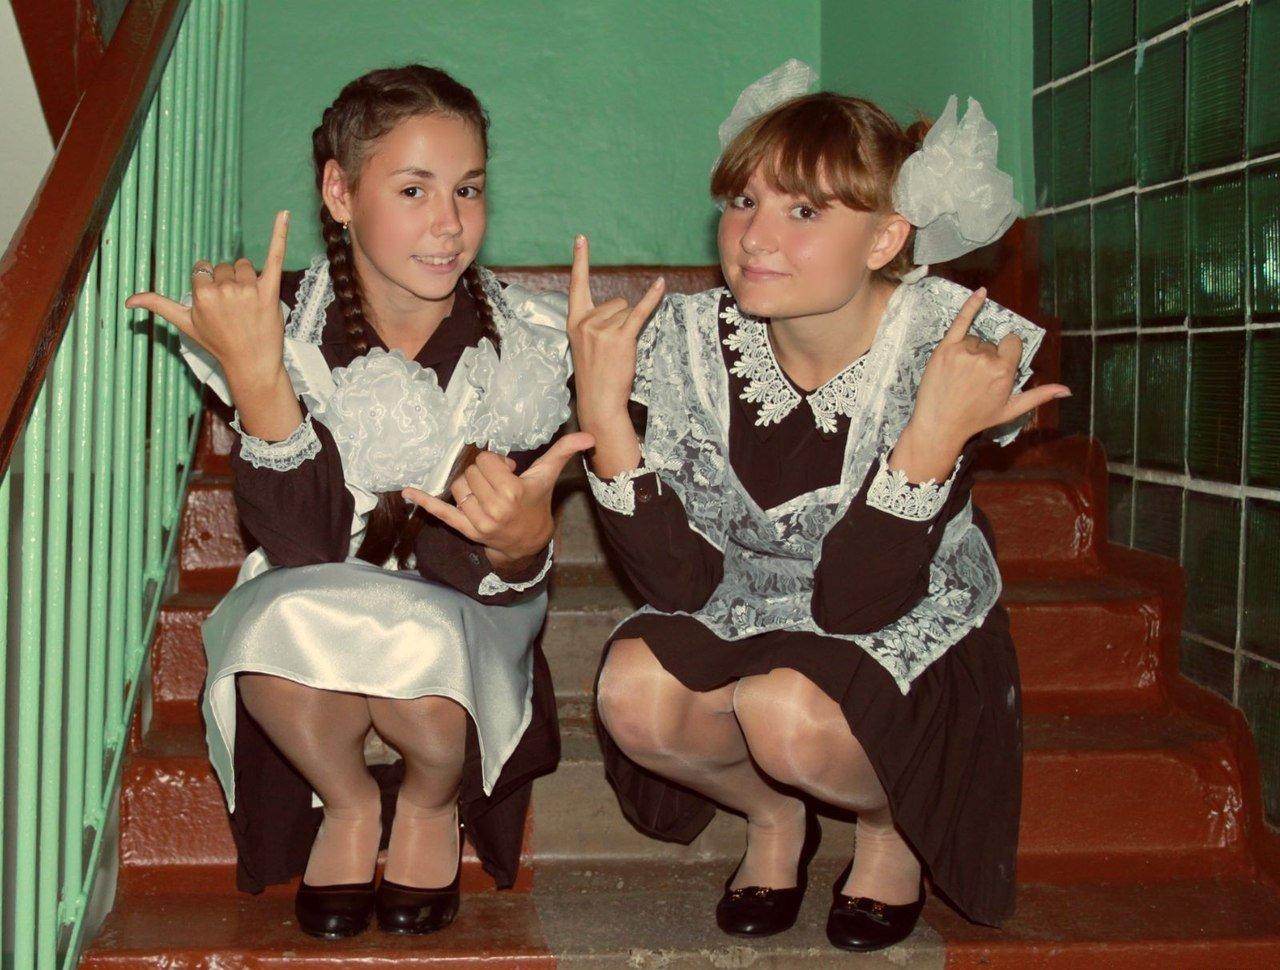 Две школьницы светят трусиками под школьной формой